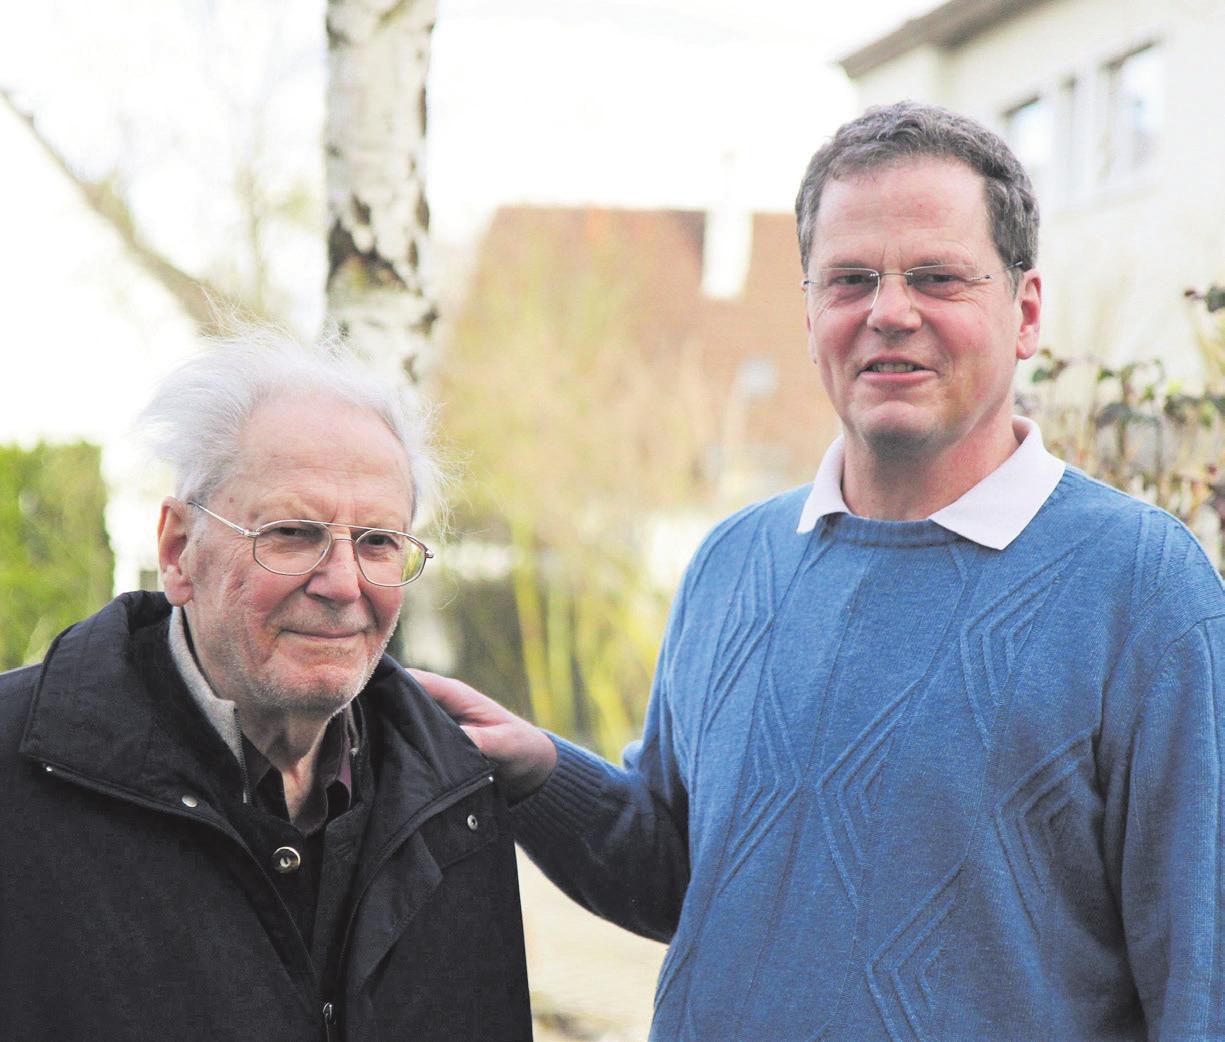 Vater und Sohn: Dr. Albert Trittler (links) hat die Adler-Apotheke einst aufgebaut. Er feiert am heutigen Tag seinen 94. Geburtstag. Apotheker Ulrich Trittler führt die Apotheke auch in seinem Sinne seit vielen Jahren. Fotos: Natascha Schröm